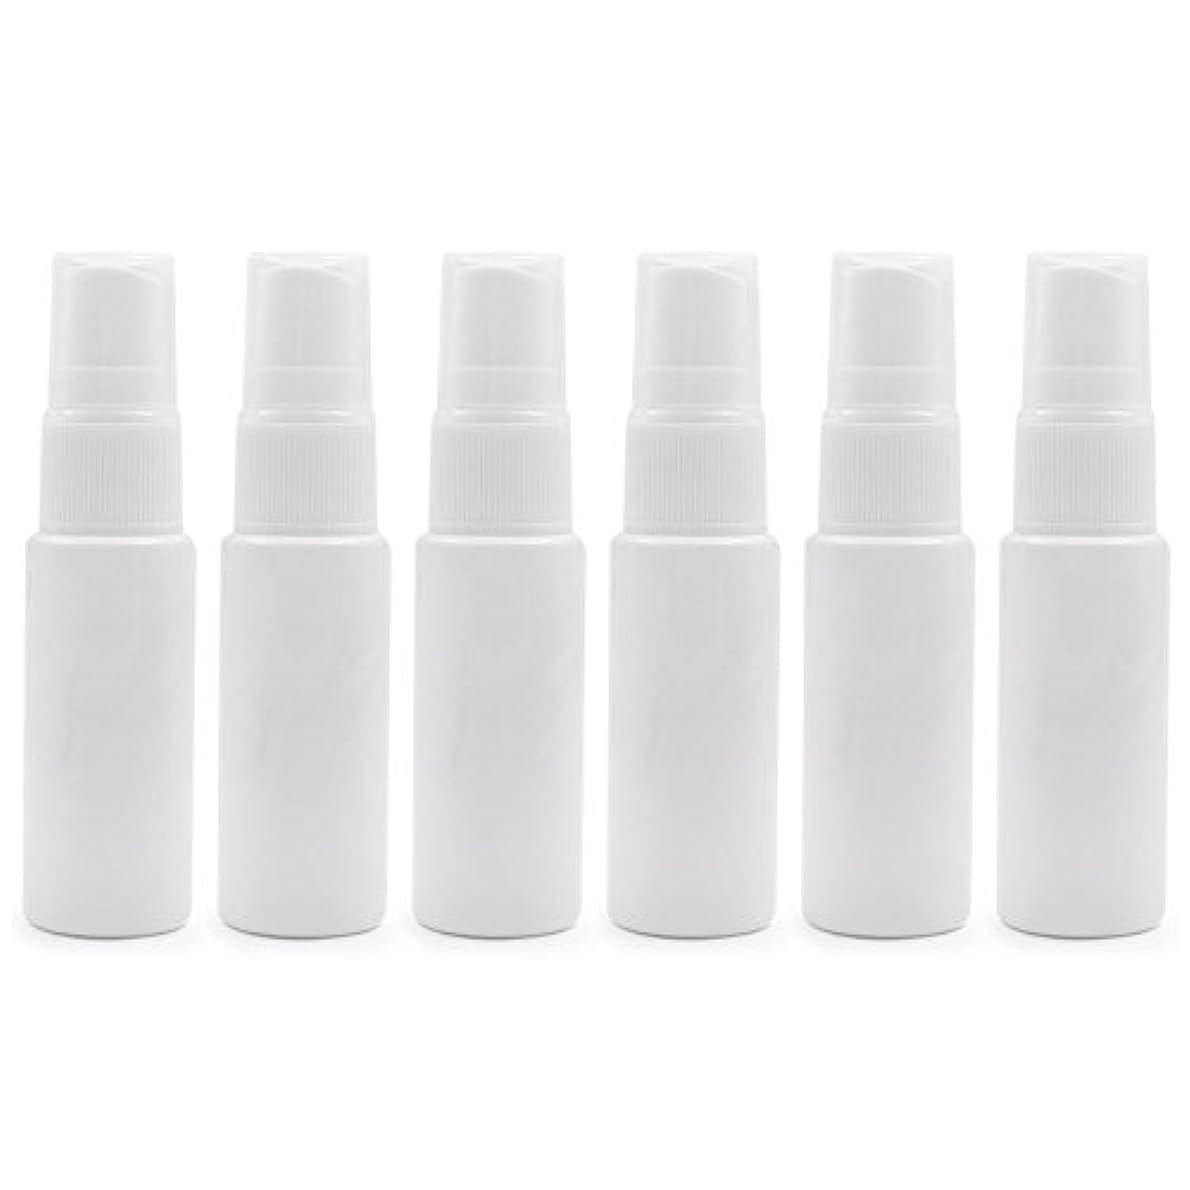 6 PCS Aspire透明プラスチックスプレーボトル 旅行 クリーニング エッセンシャルオイル マウスウォッシュ 香水(10ml 20ml)のための携帯用詰め替え可能な香水瓶スプレー - ホワイト - 20 ml